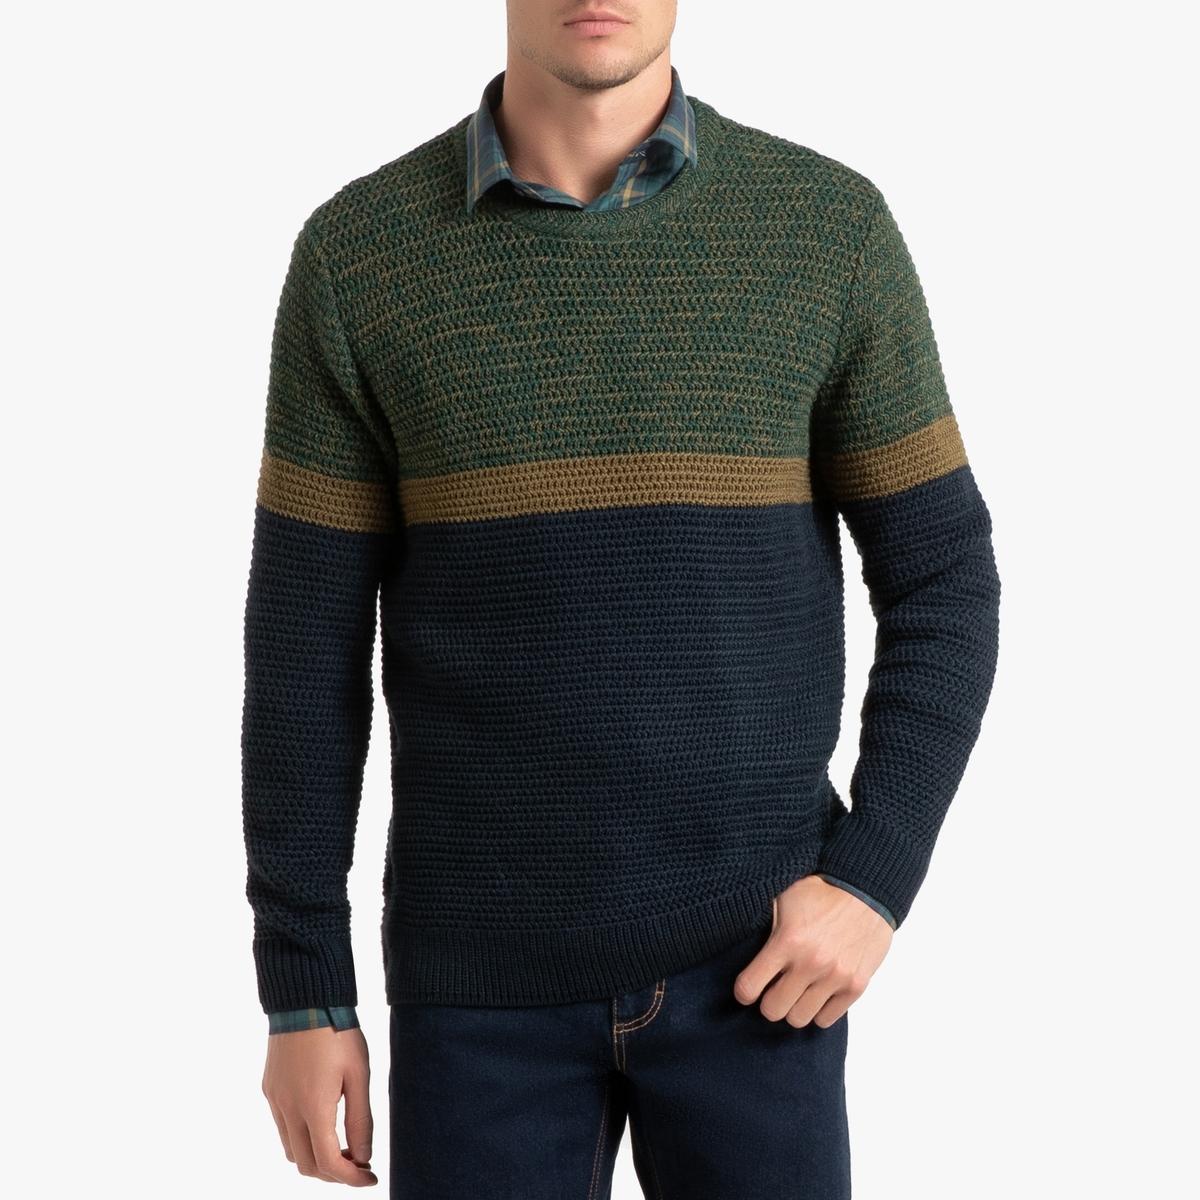 Пуловер La Redoute С круглым вырезом трехцветный из плотного трикотажа M синий пуловер la redoute с круглым вырезом из плотного трикотажа 3xl синий